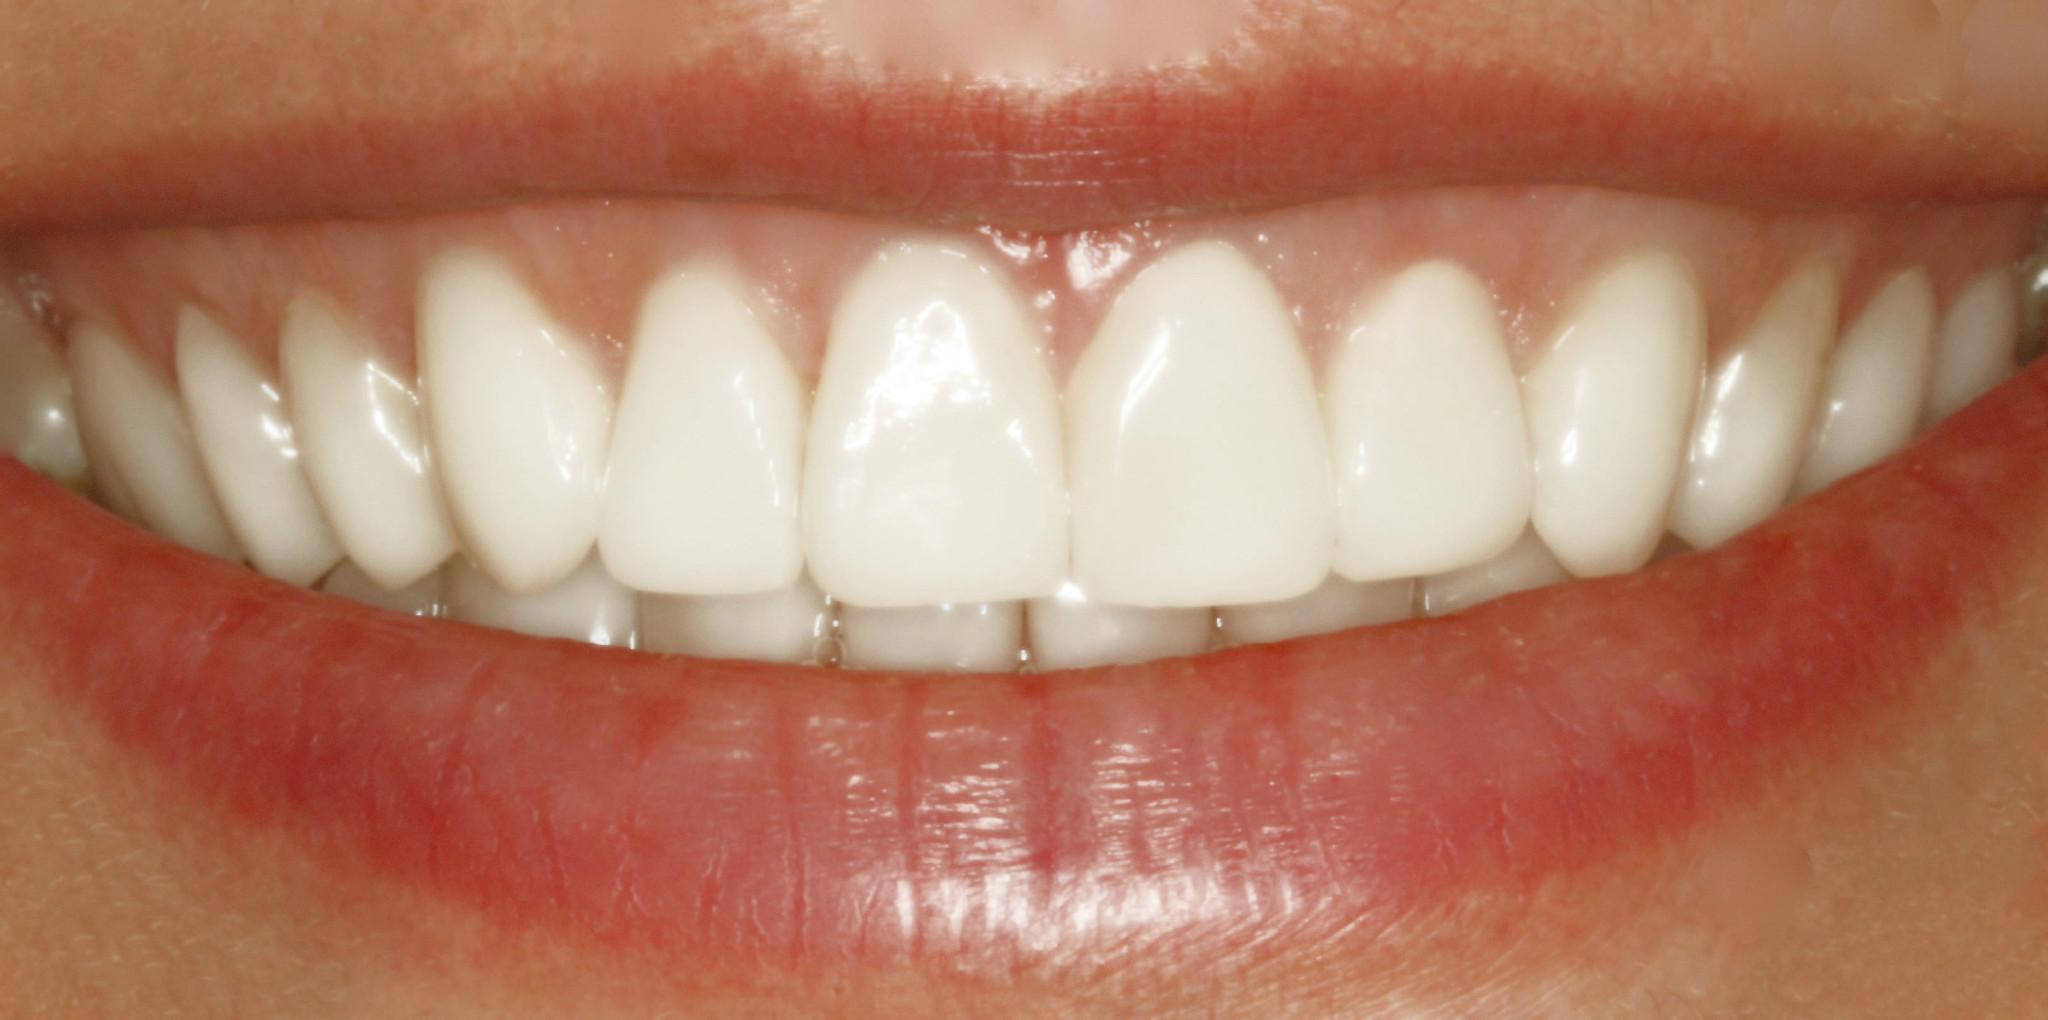 We are the best dental veneers dentistry in Sydney.